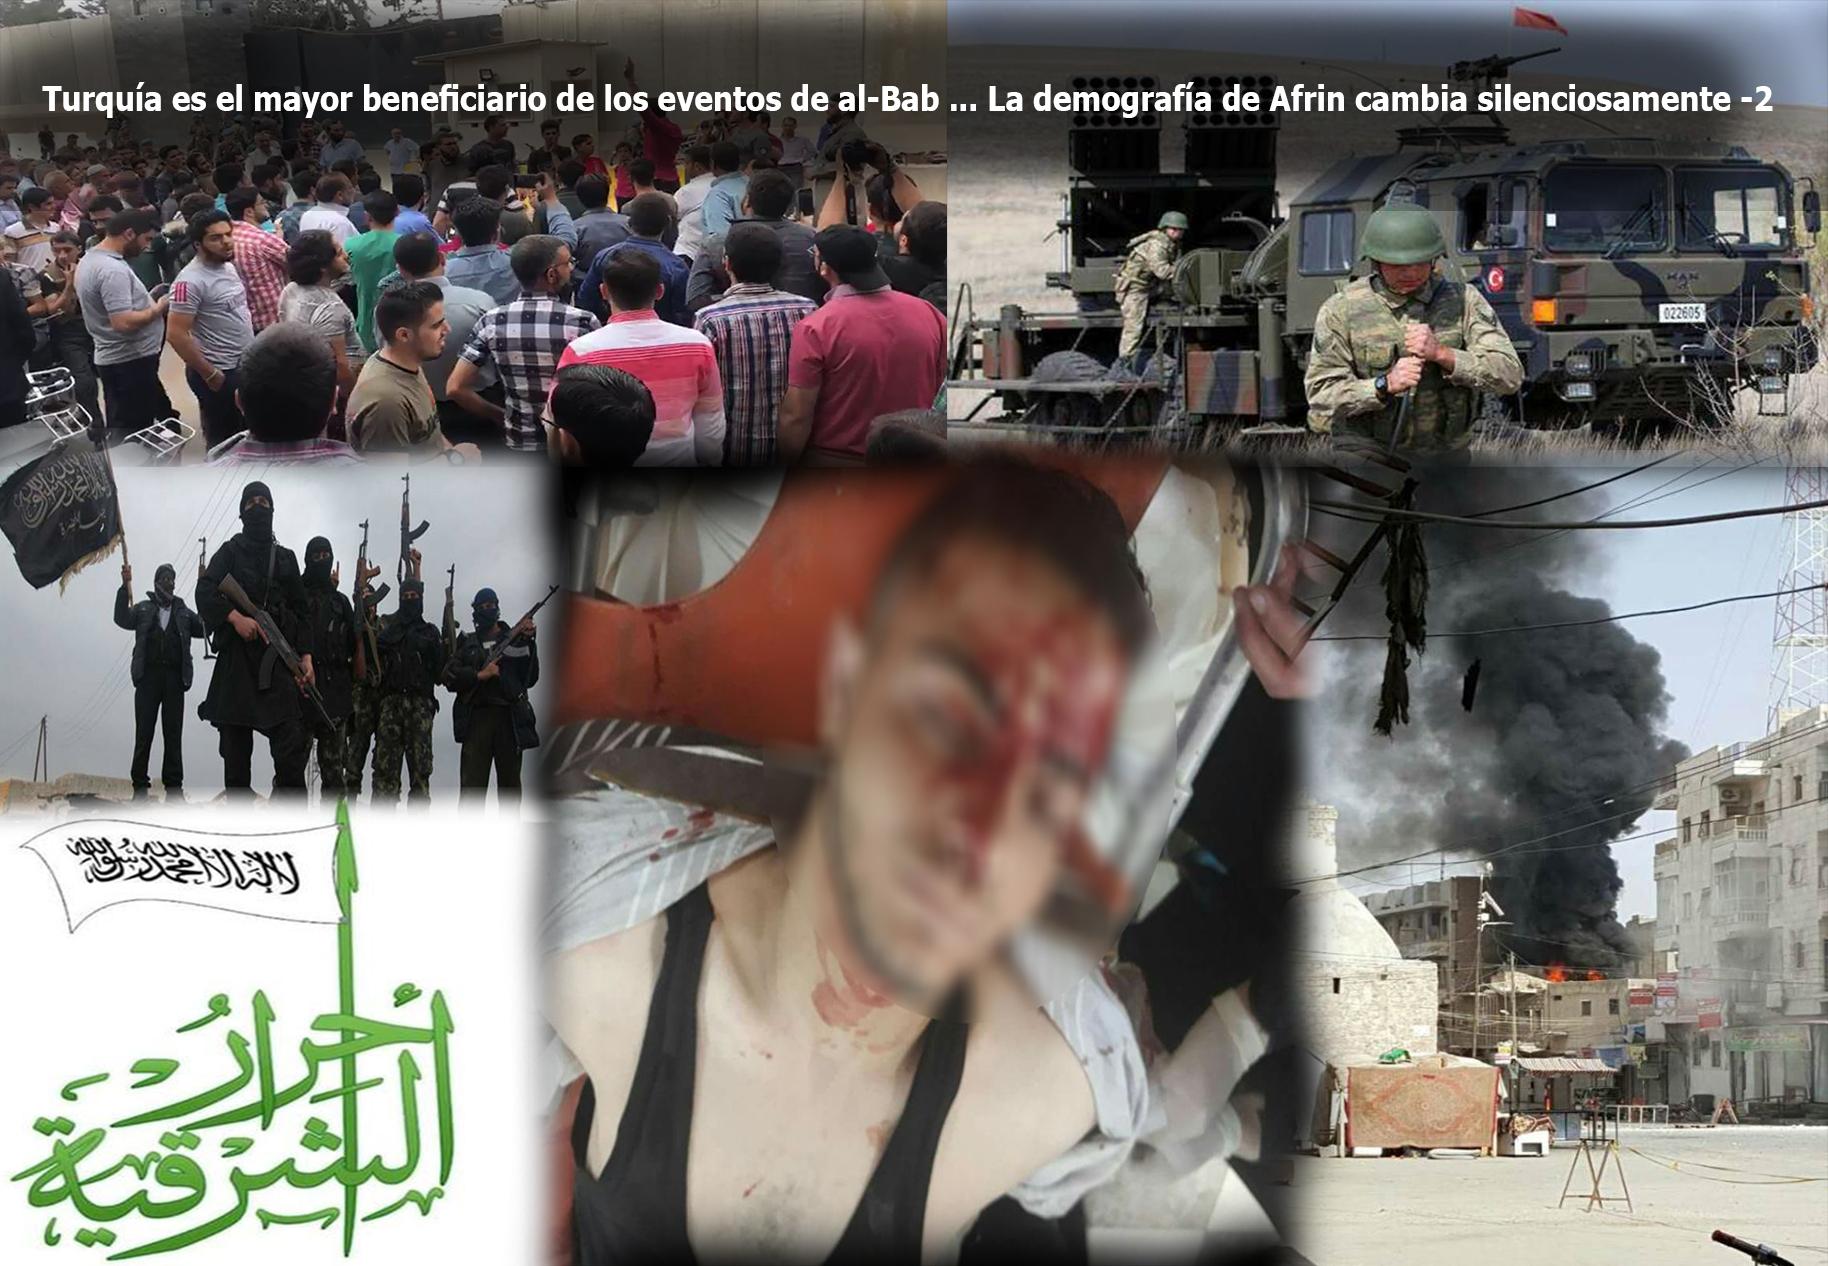 Turquía es el mayor beneficiario de los eventos de al-Bab ... La demografía de Afrin cambia silenciosamente -2